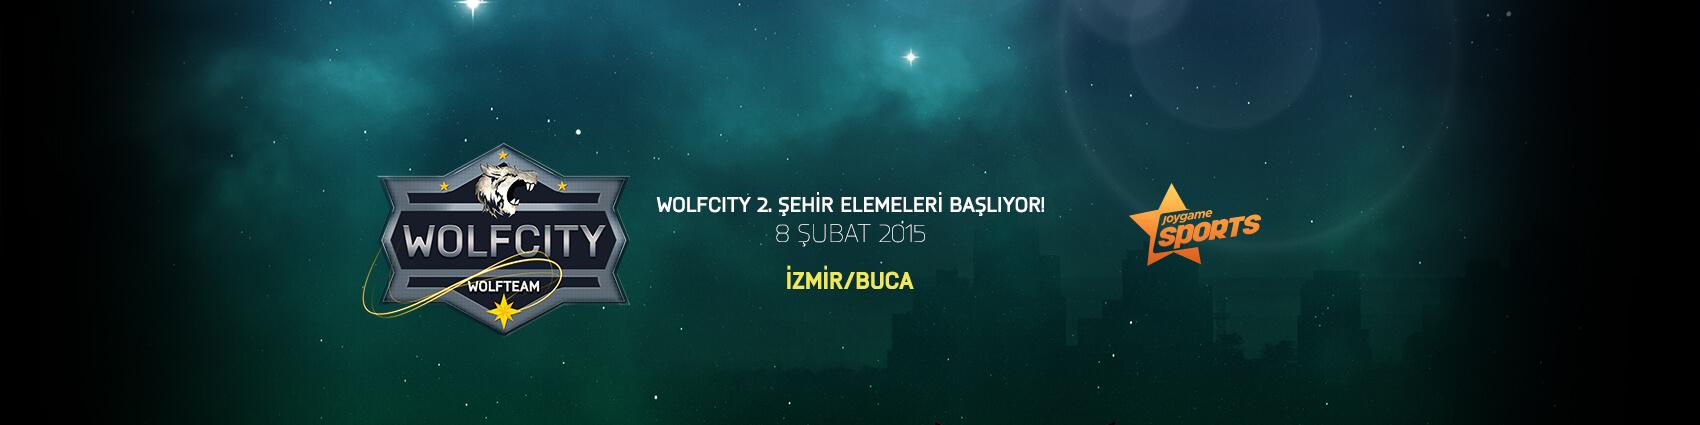 Wolfcity 2. Şehir Elemeleri Başlıyor